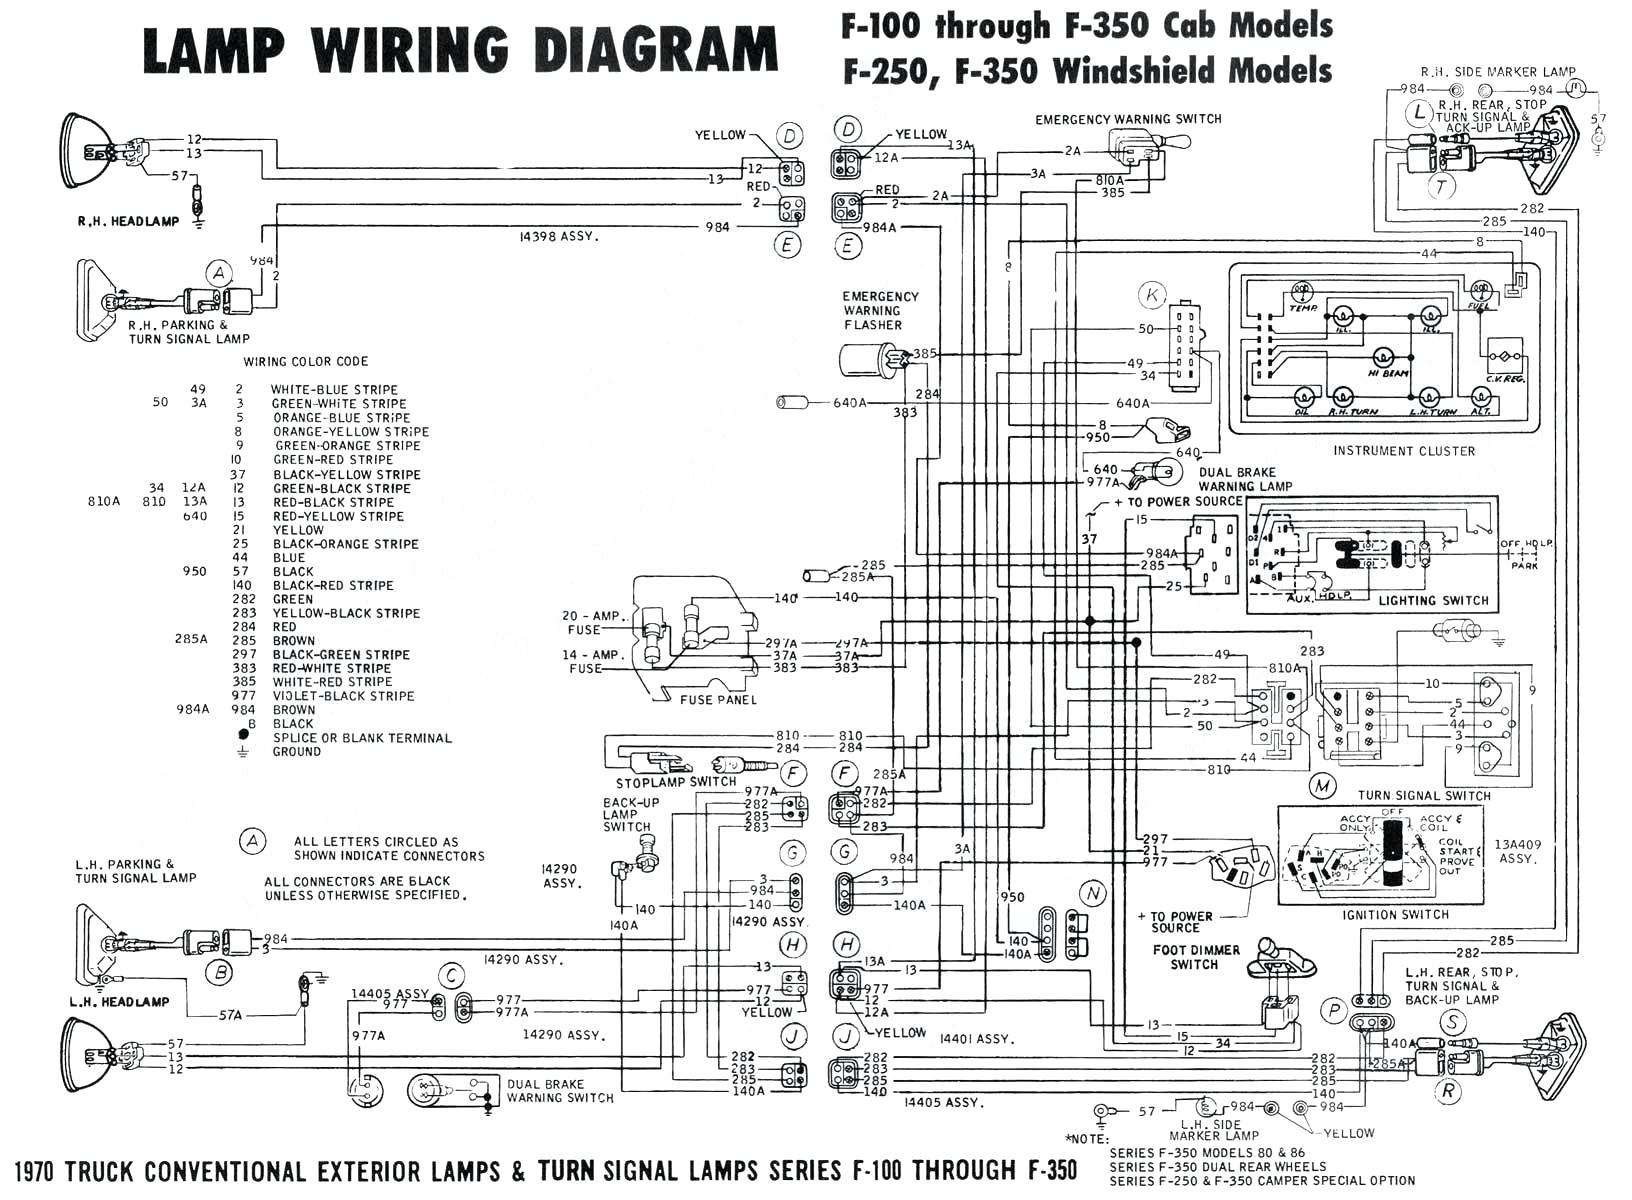 free download rs wiring schematics wiring diagrams long gm headlight wiring diagram free download